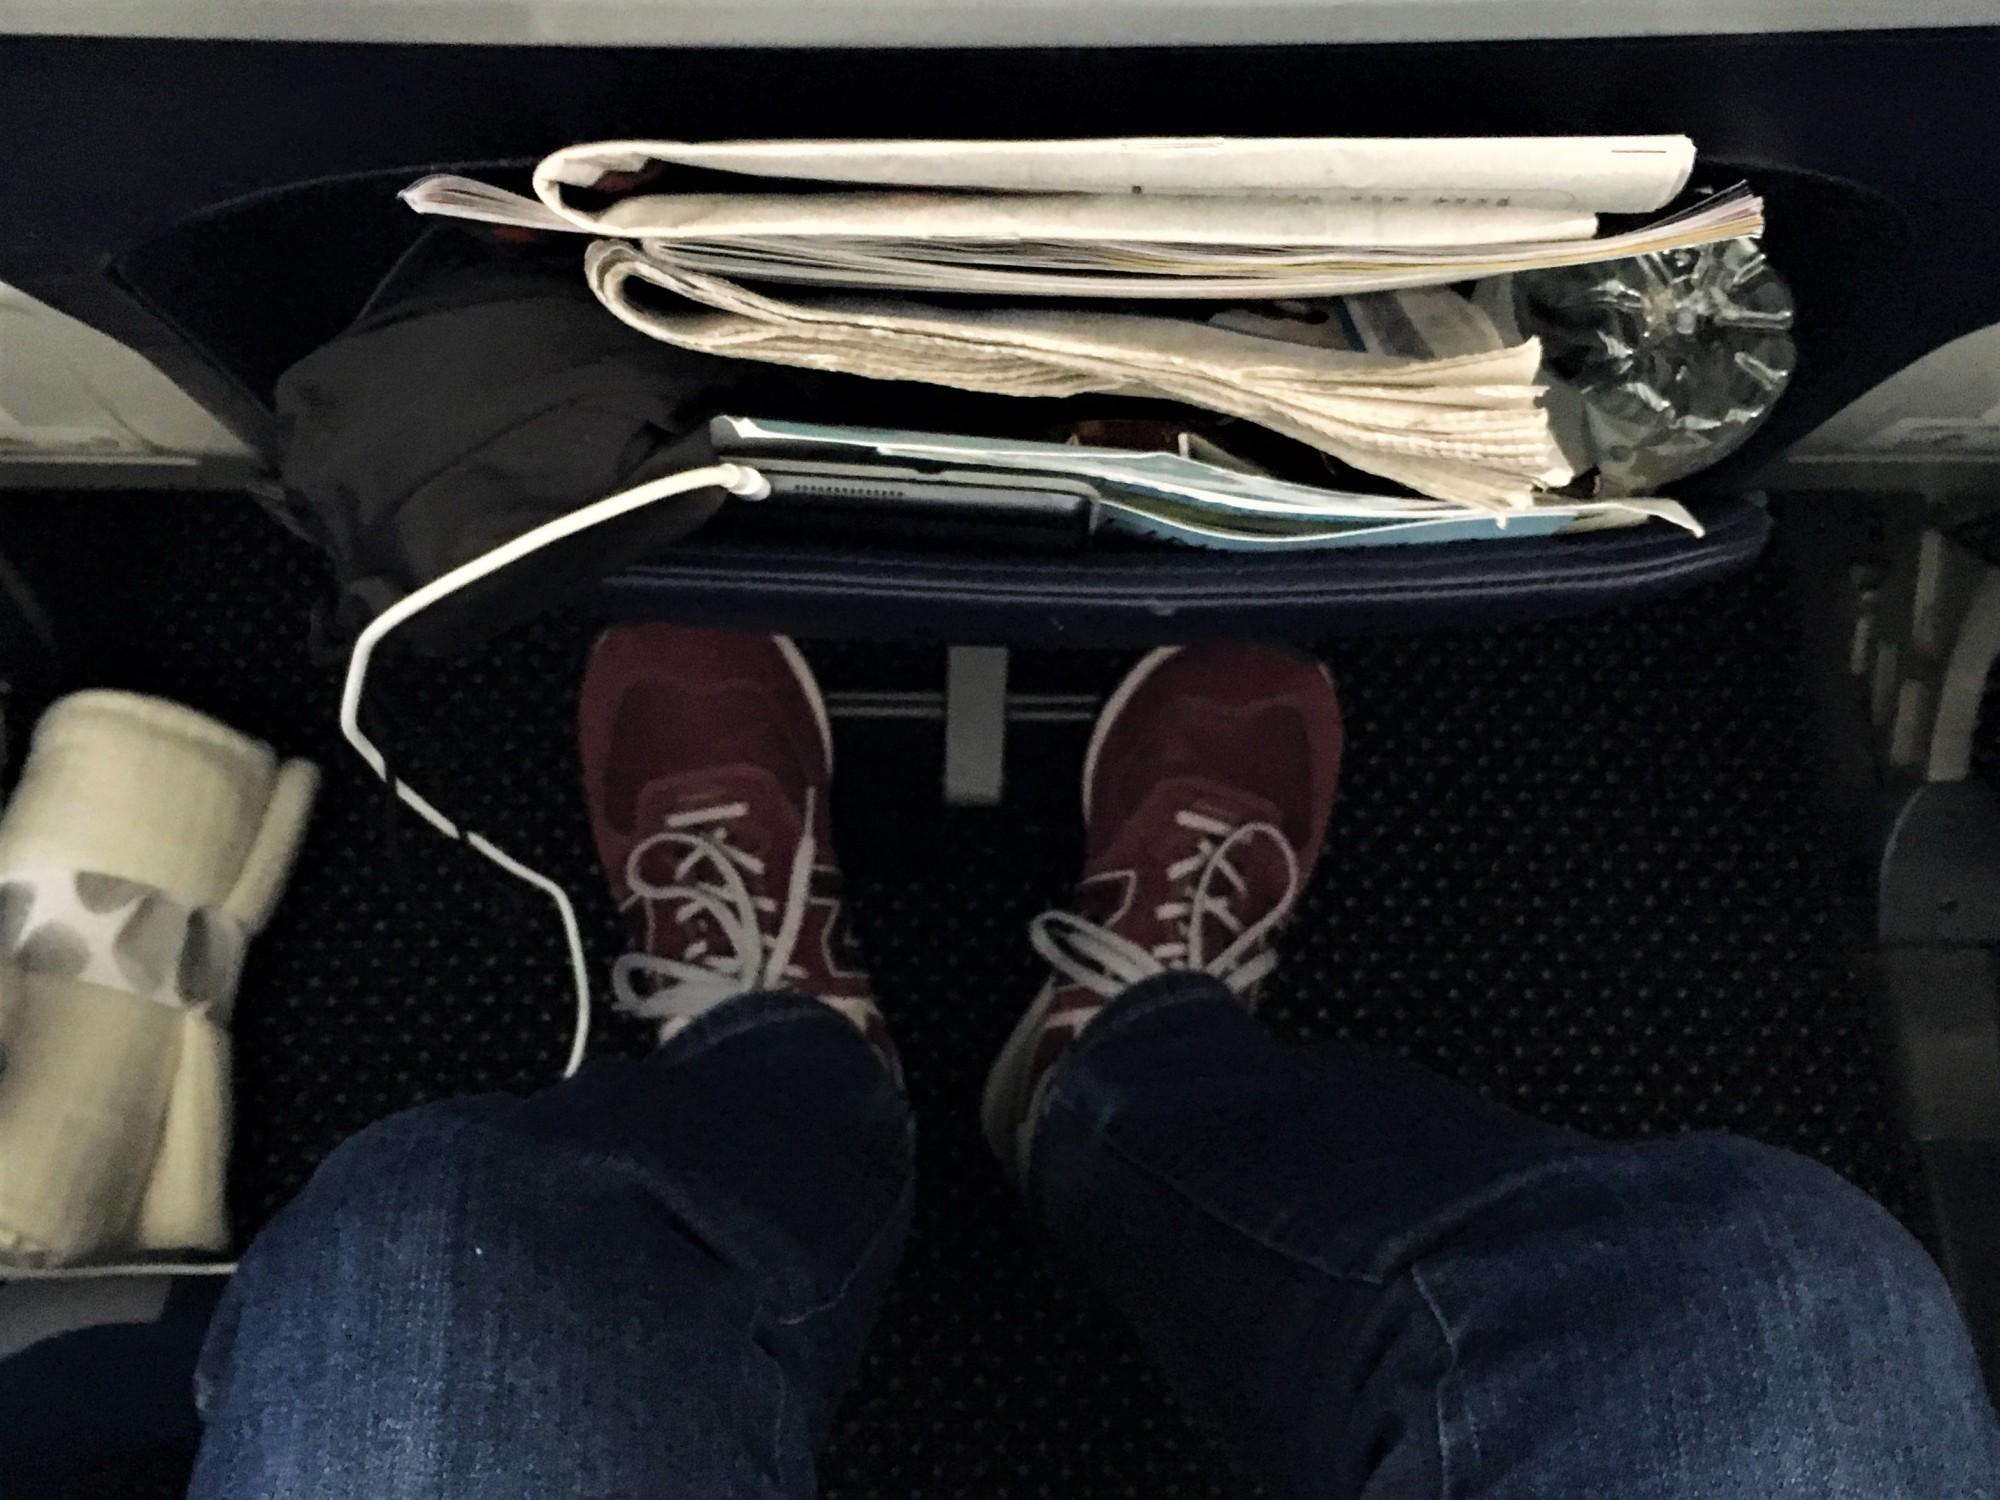 TUI Dreamliner Premium Seating Leg Room